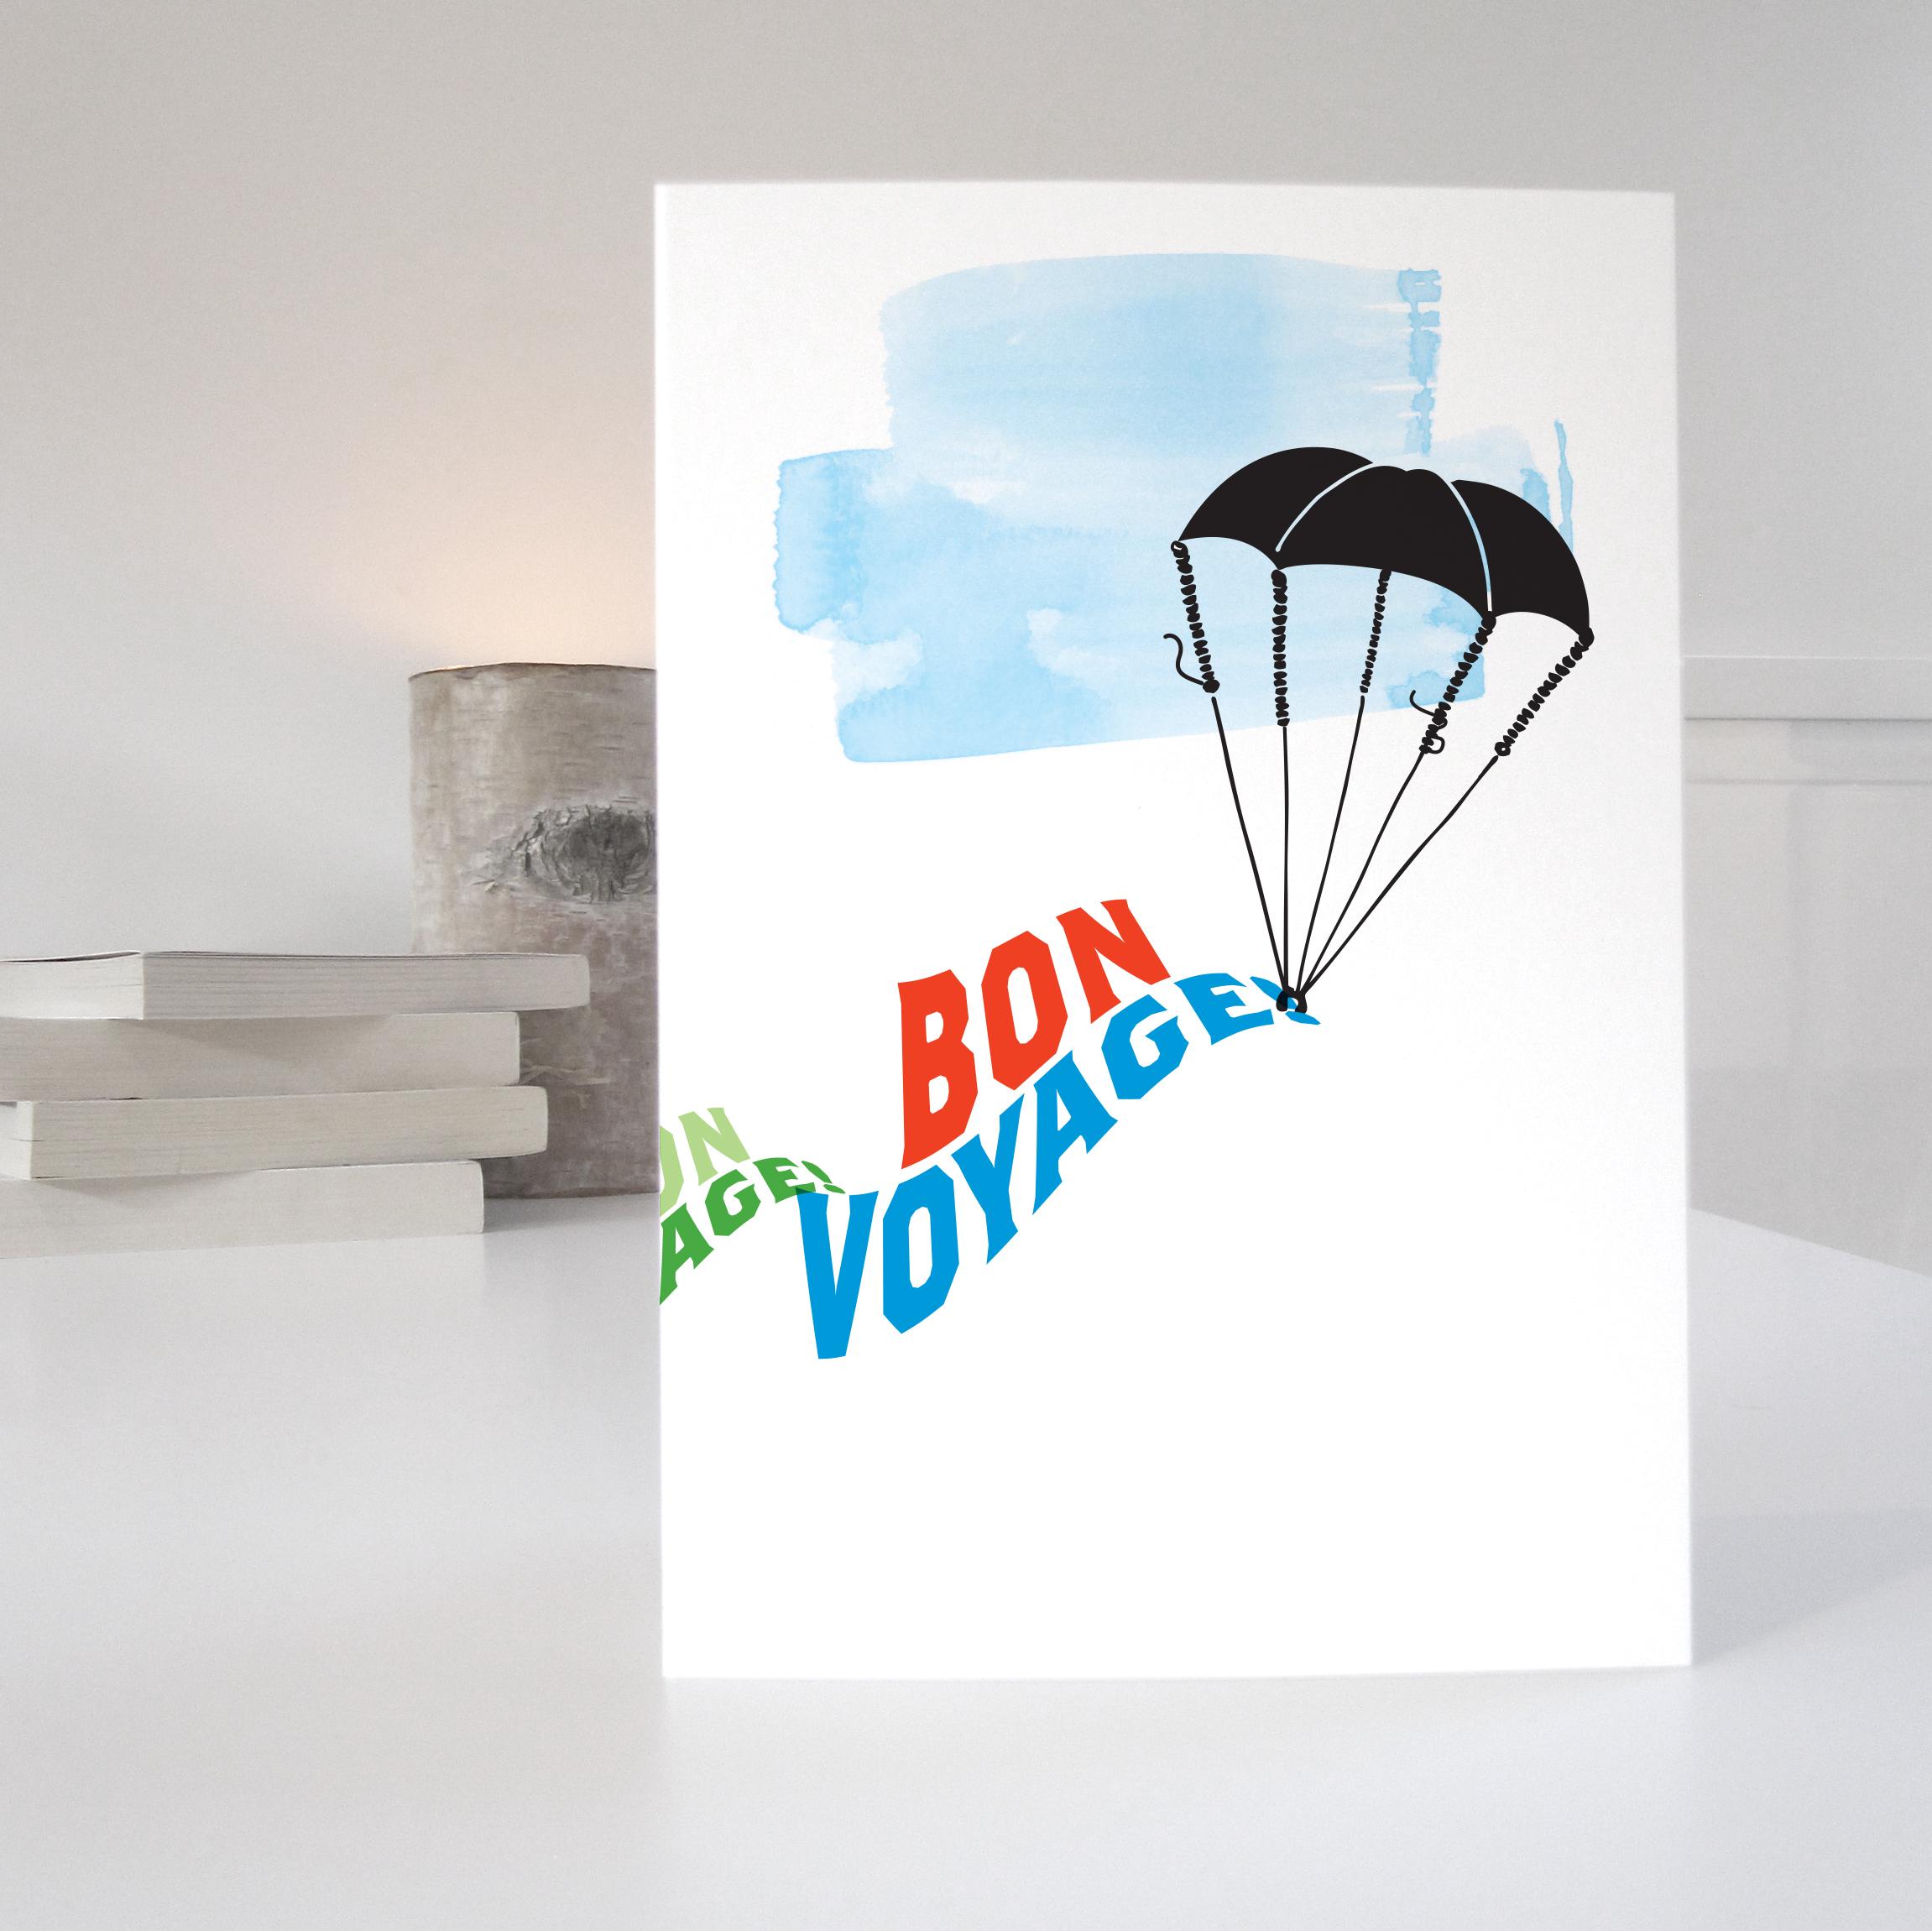 BS04_BVparachute_bon voyage